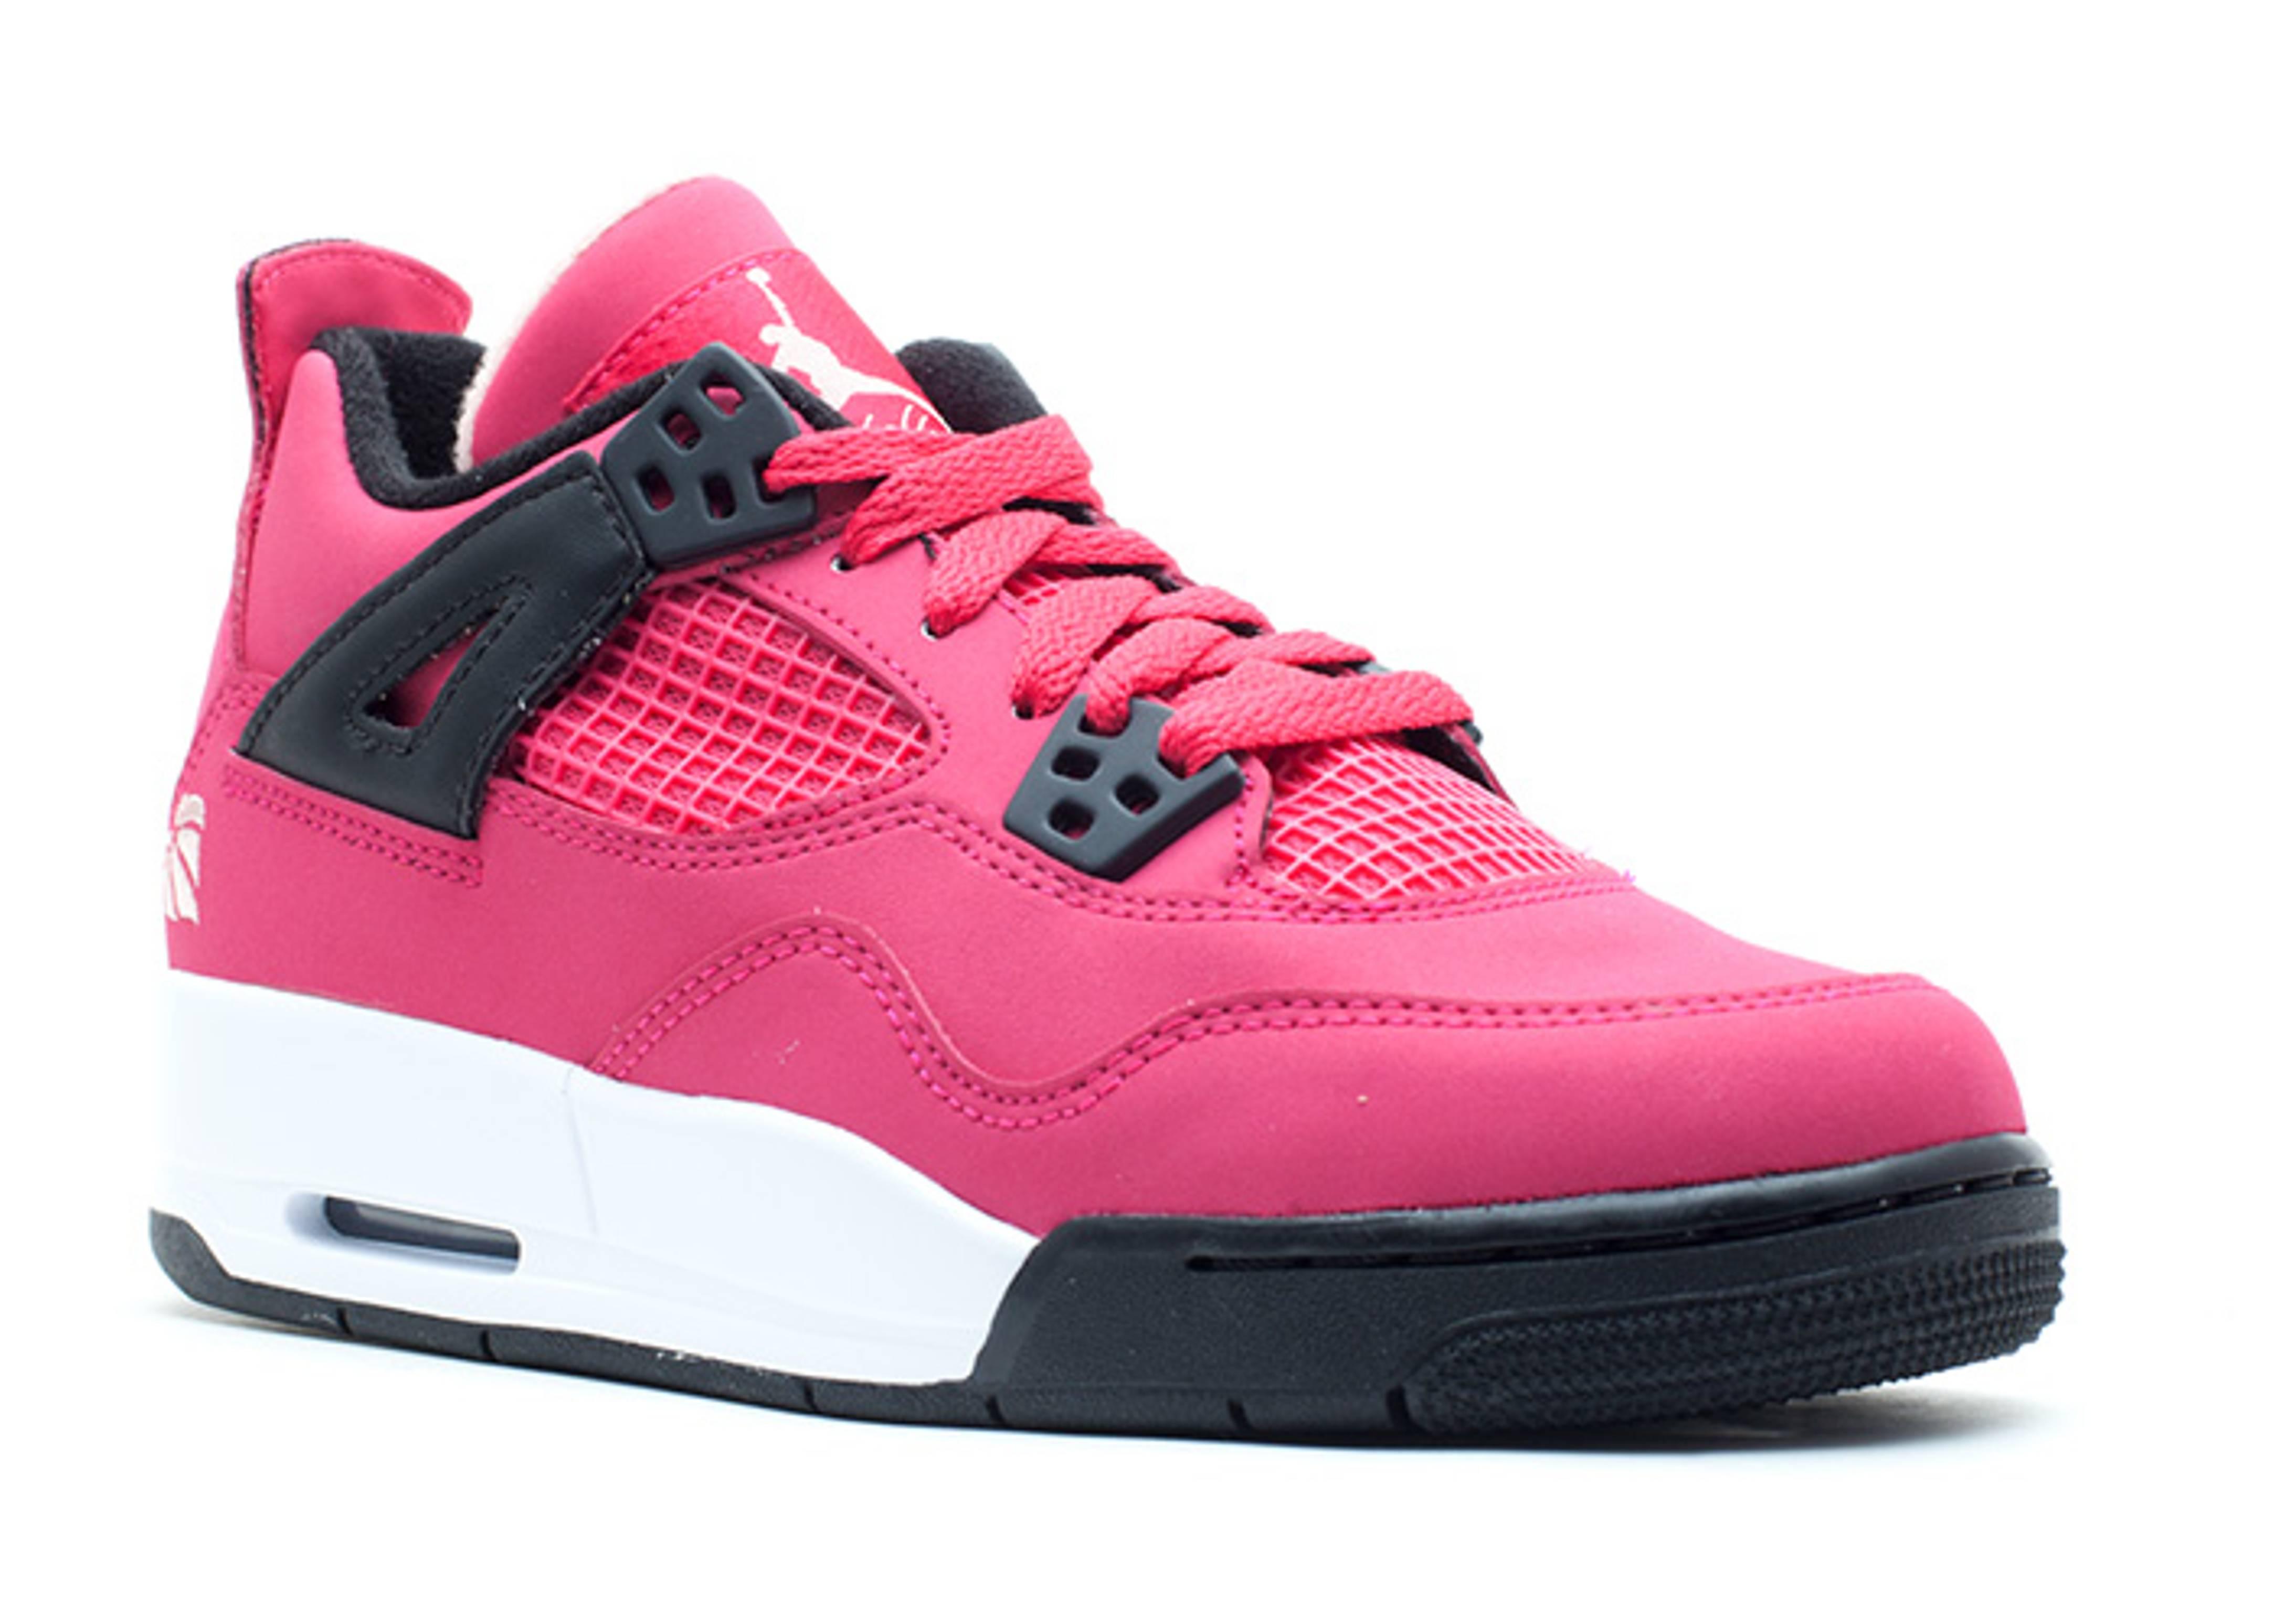 b855e2502e1888 Girls Air Jordan 4 Retro (gs) - Air Jordan - 487724 601 - voltage cherry- white-black